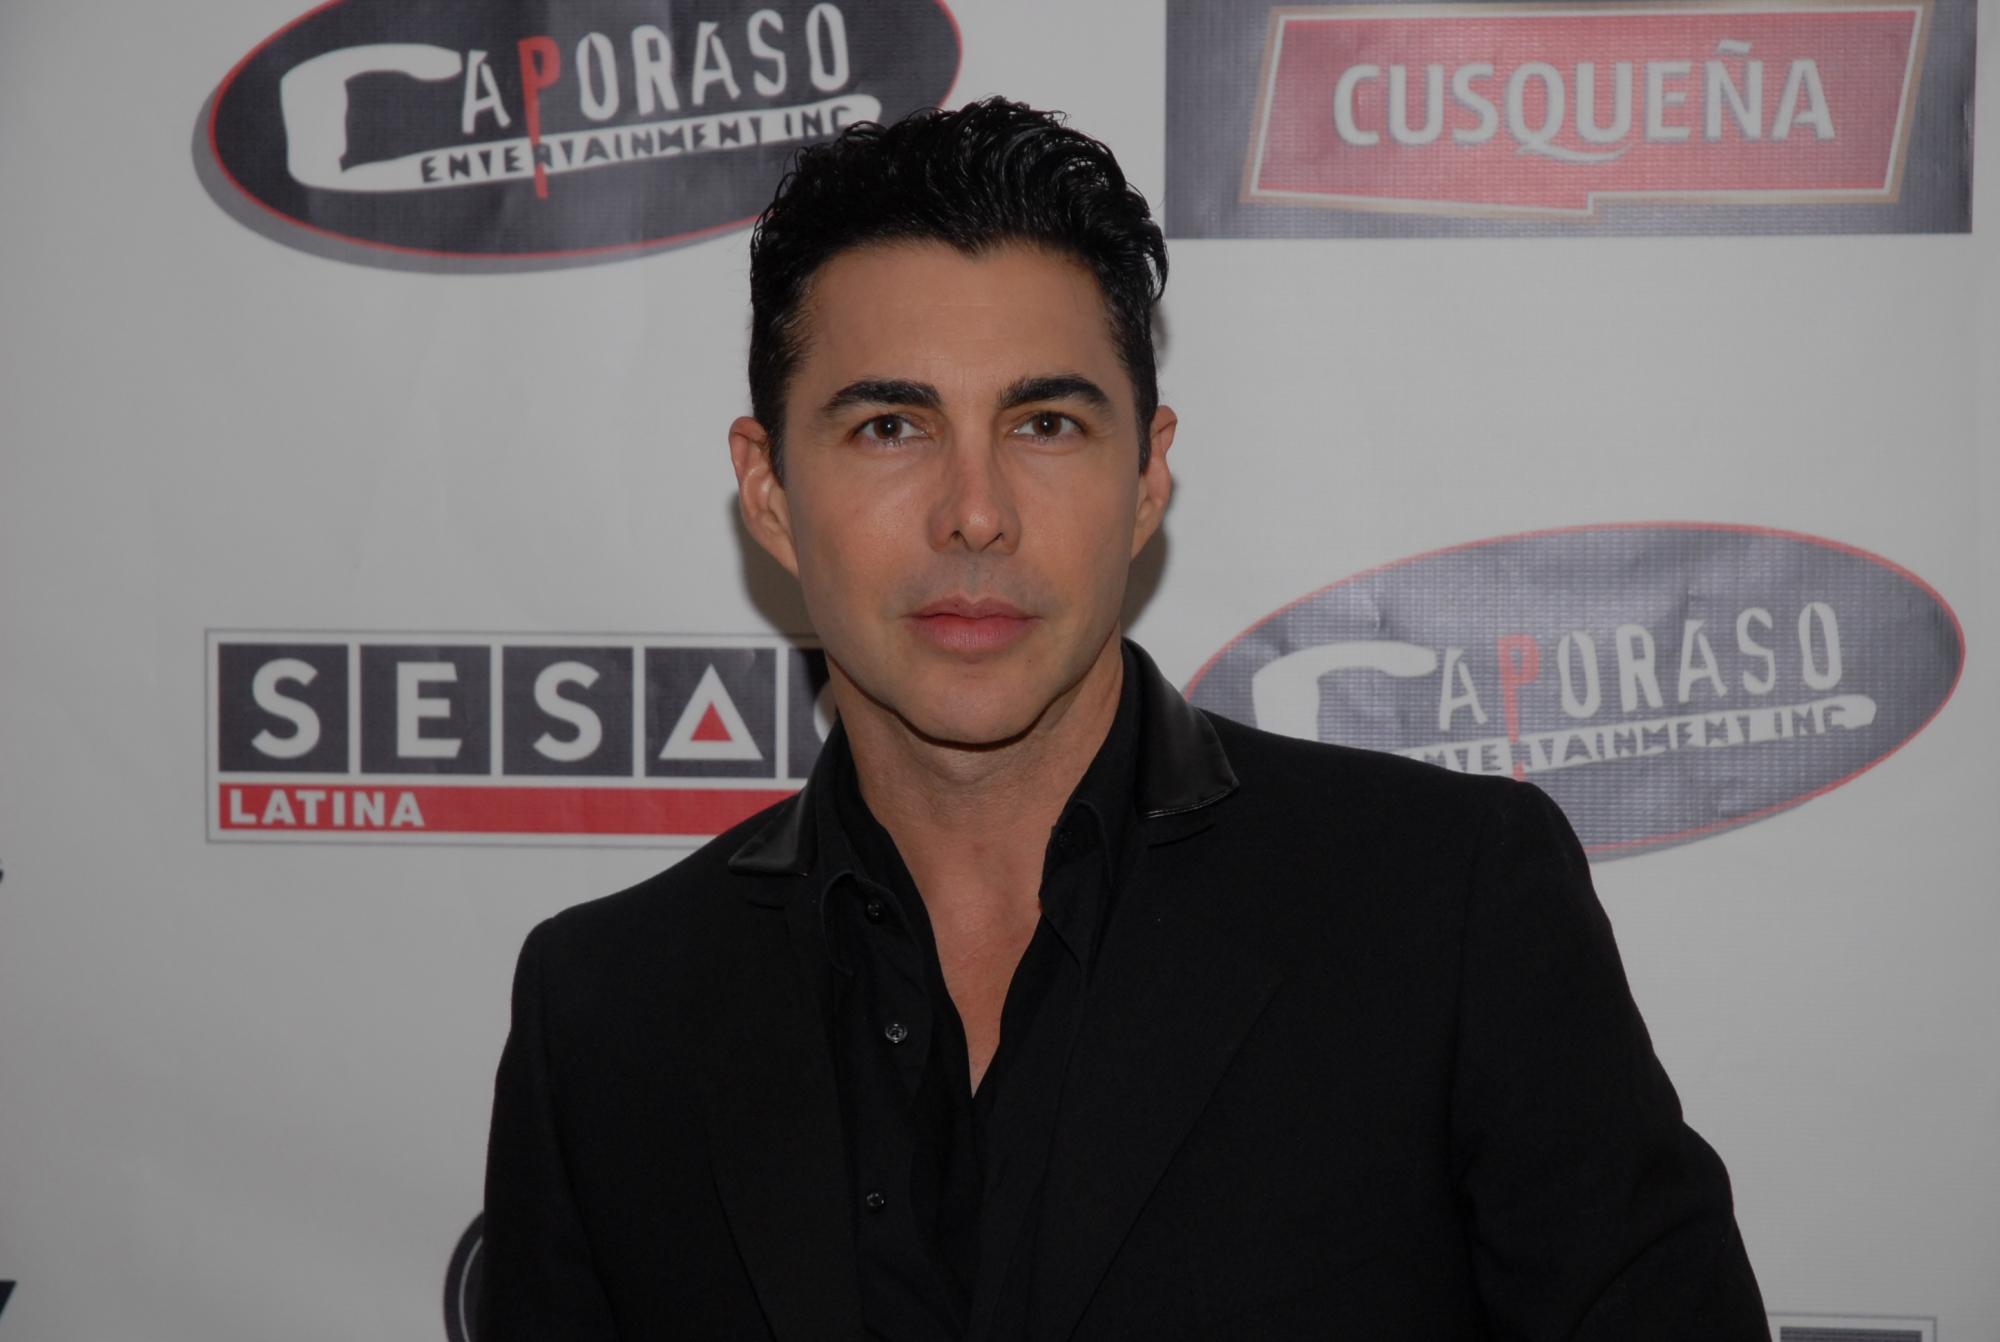 Nicolás Felizola